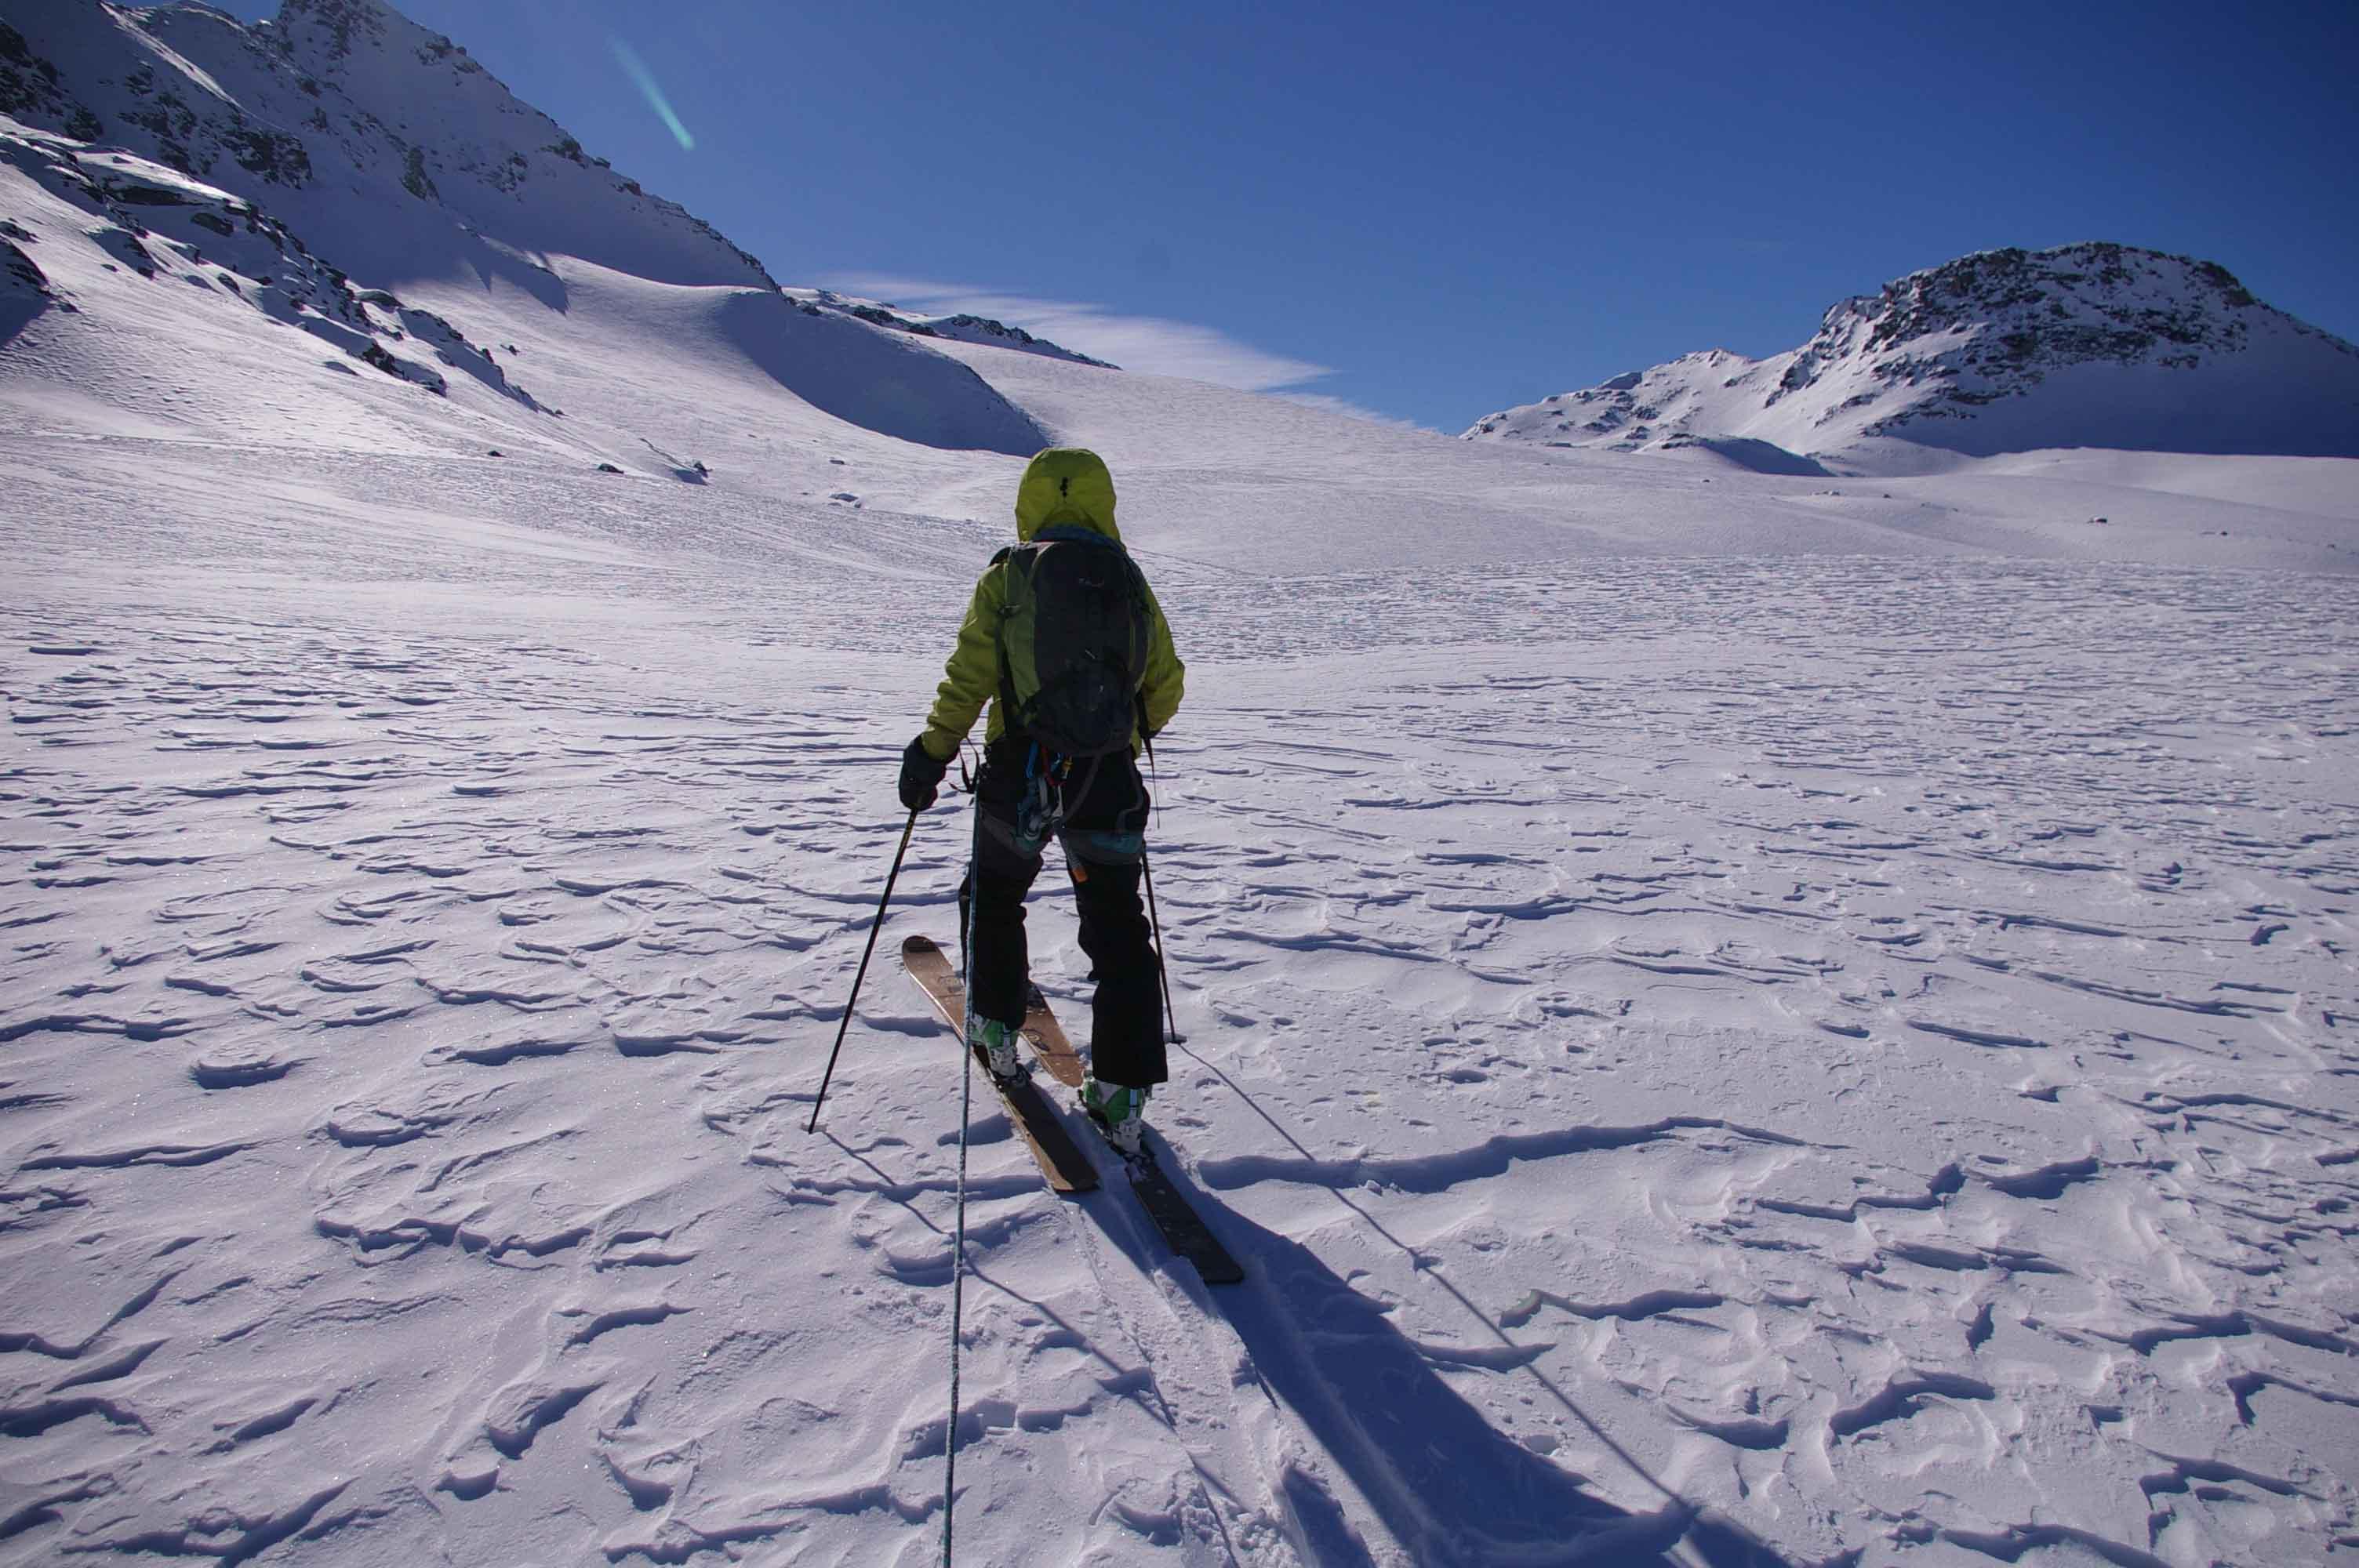 006 Amon Dava ski bois alex rando